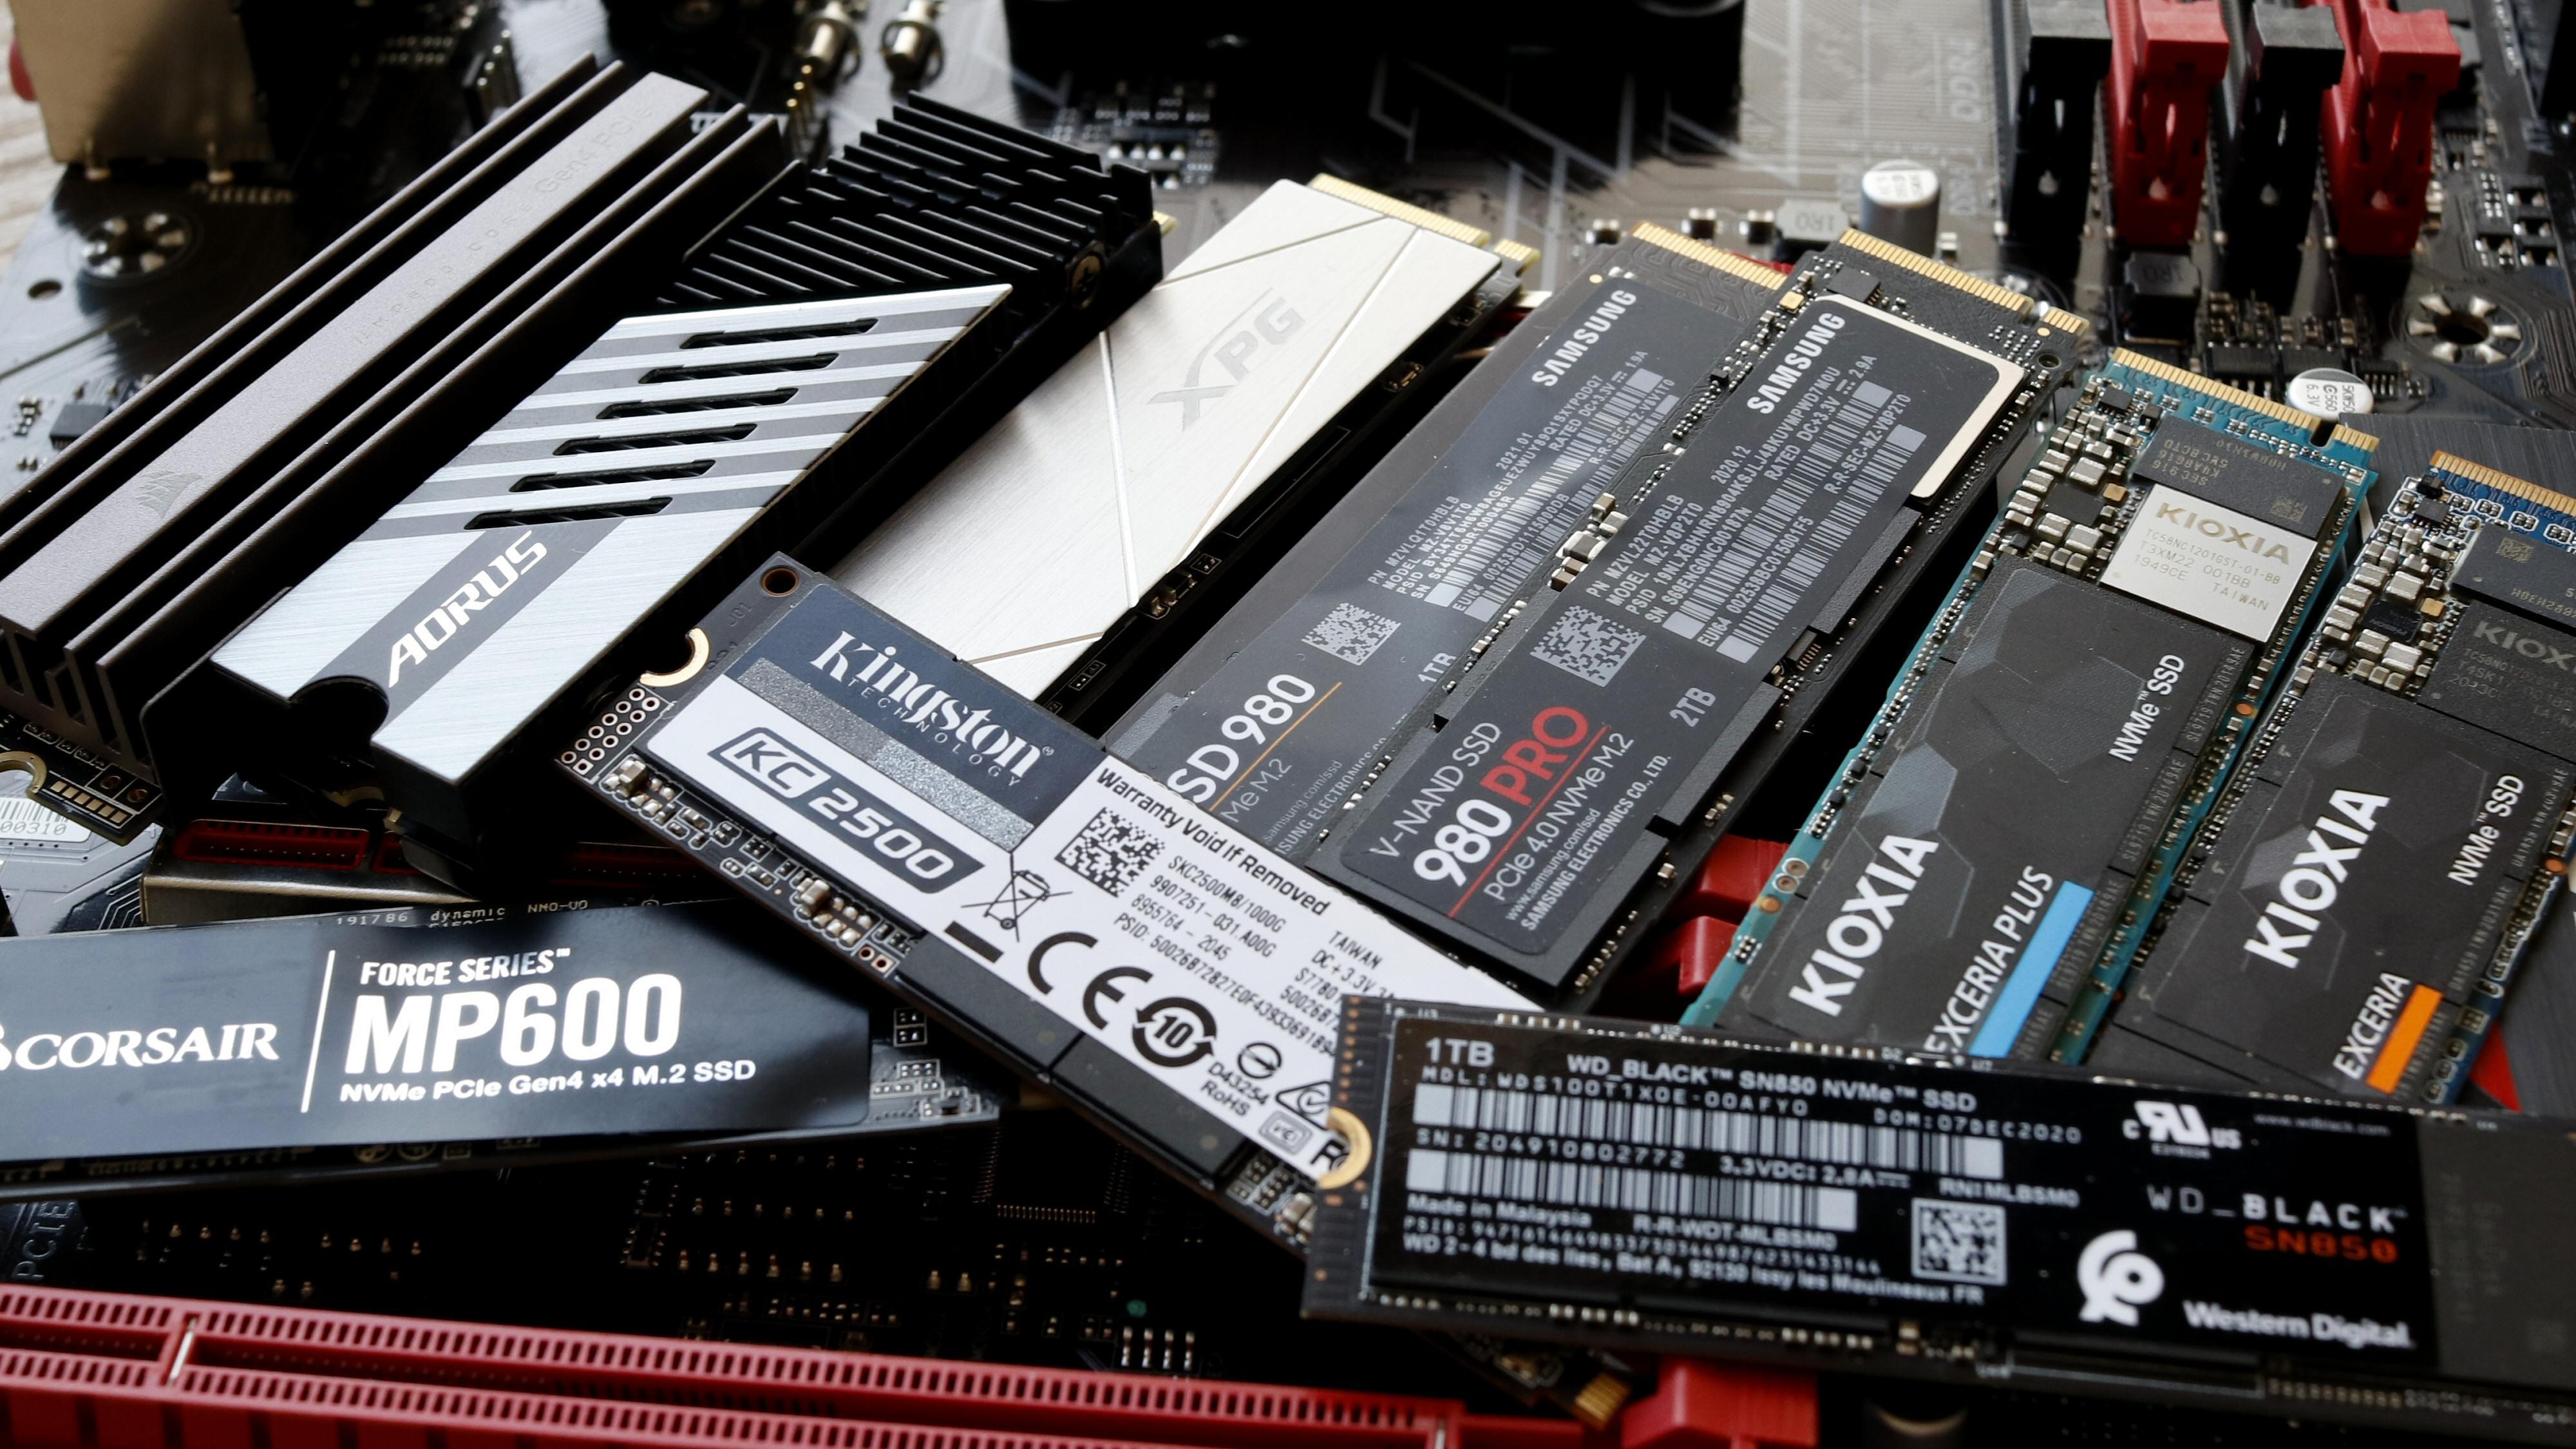 SSD-er. Ofte ser lagringsenhetene som brukes i bærbare maskiner litt annerledes ut enn dem som er avbildet. Det er fordi de enten er krympet ned eller loddet rett på hovedkortet. De er imidlertid basert på samme teknologi.